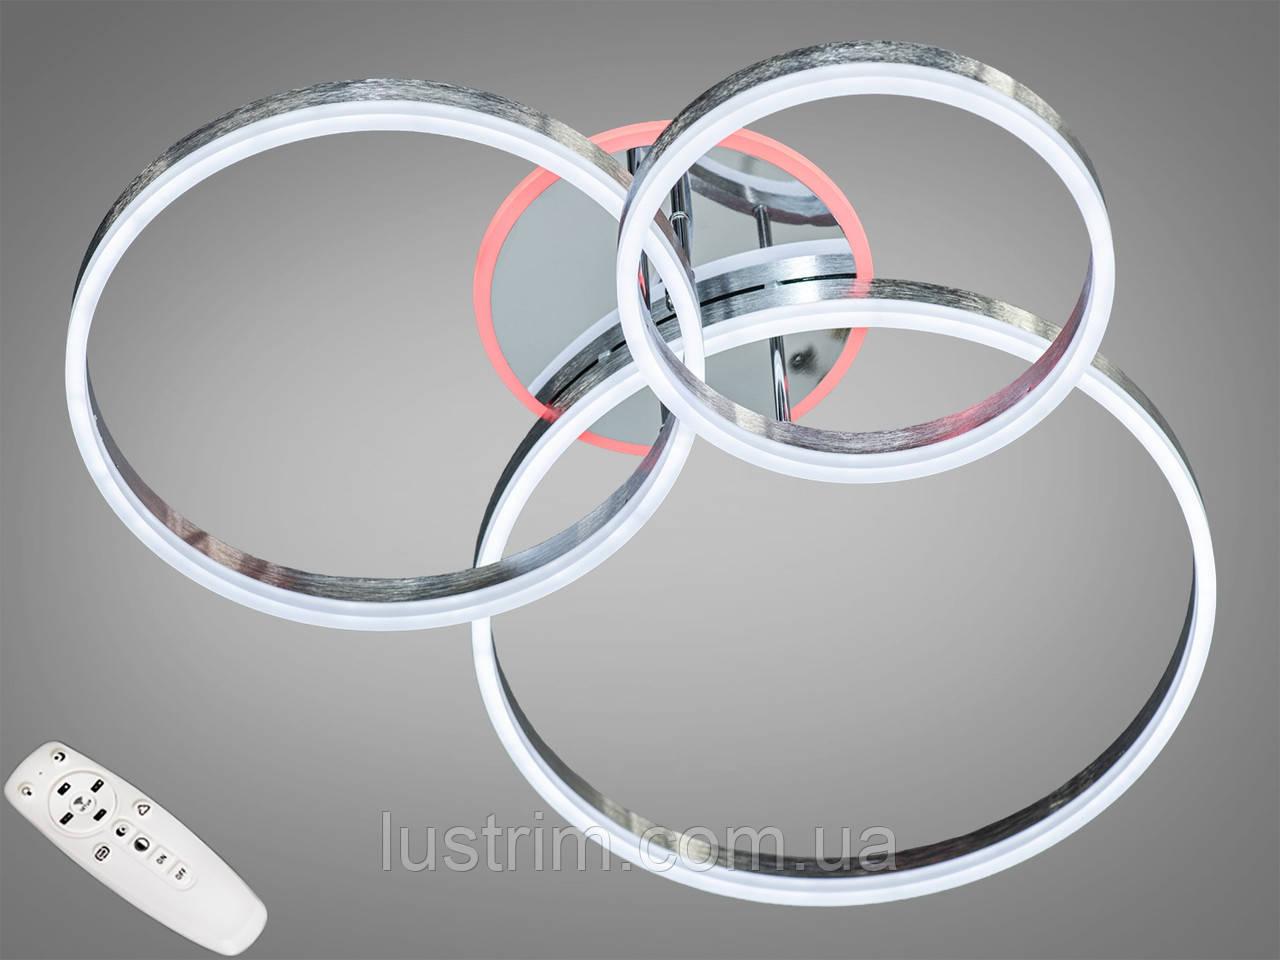 Світлодіодна люстра з діммером і LED підсвічуванням, колір чорний хром, 150W